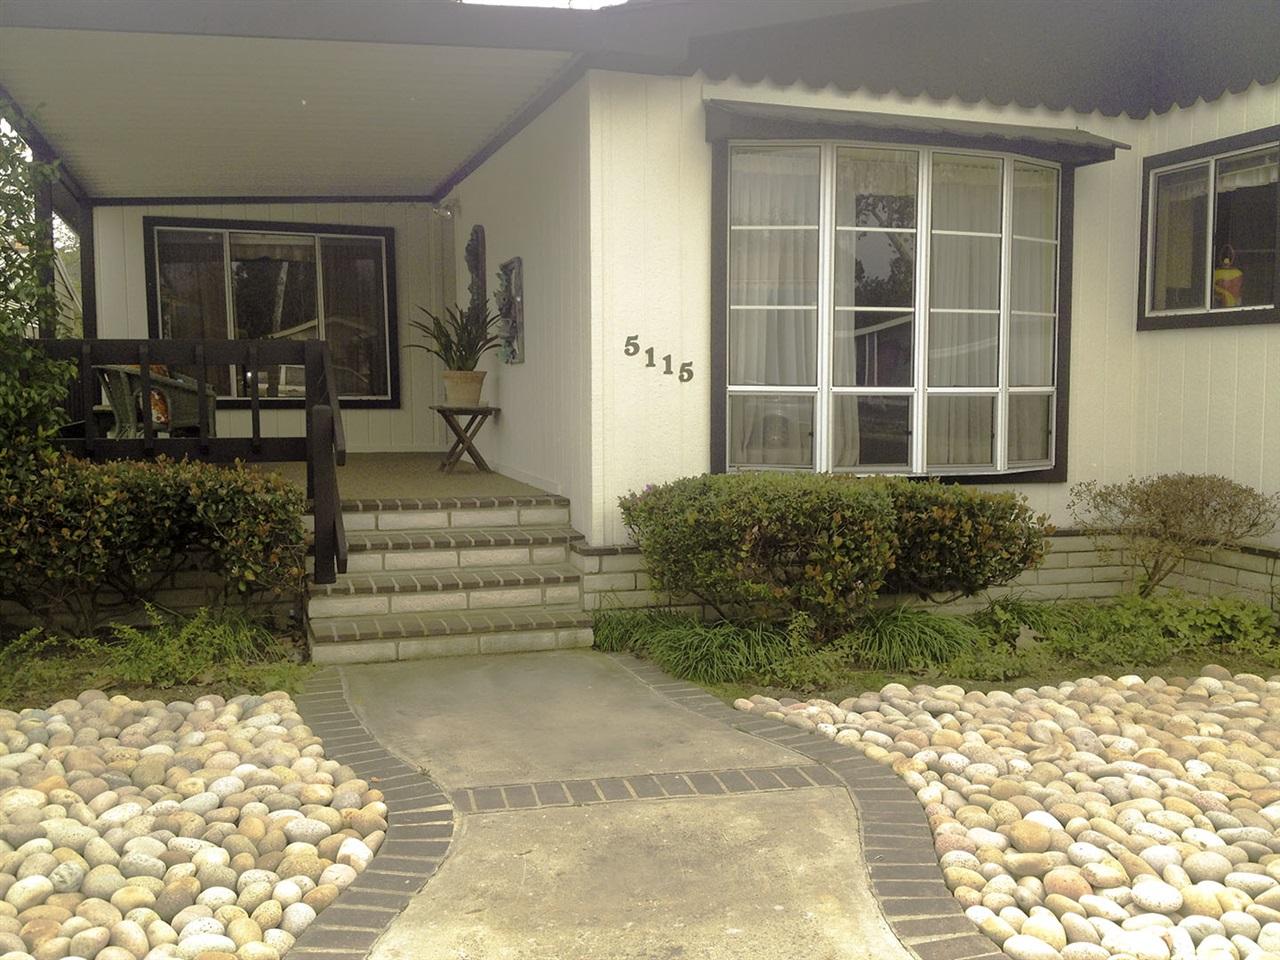 5115 Don Mata Dr, Carlsbad, CA